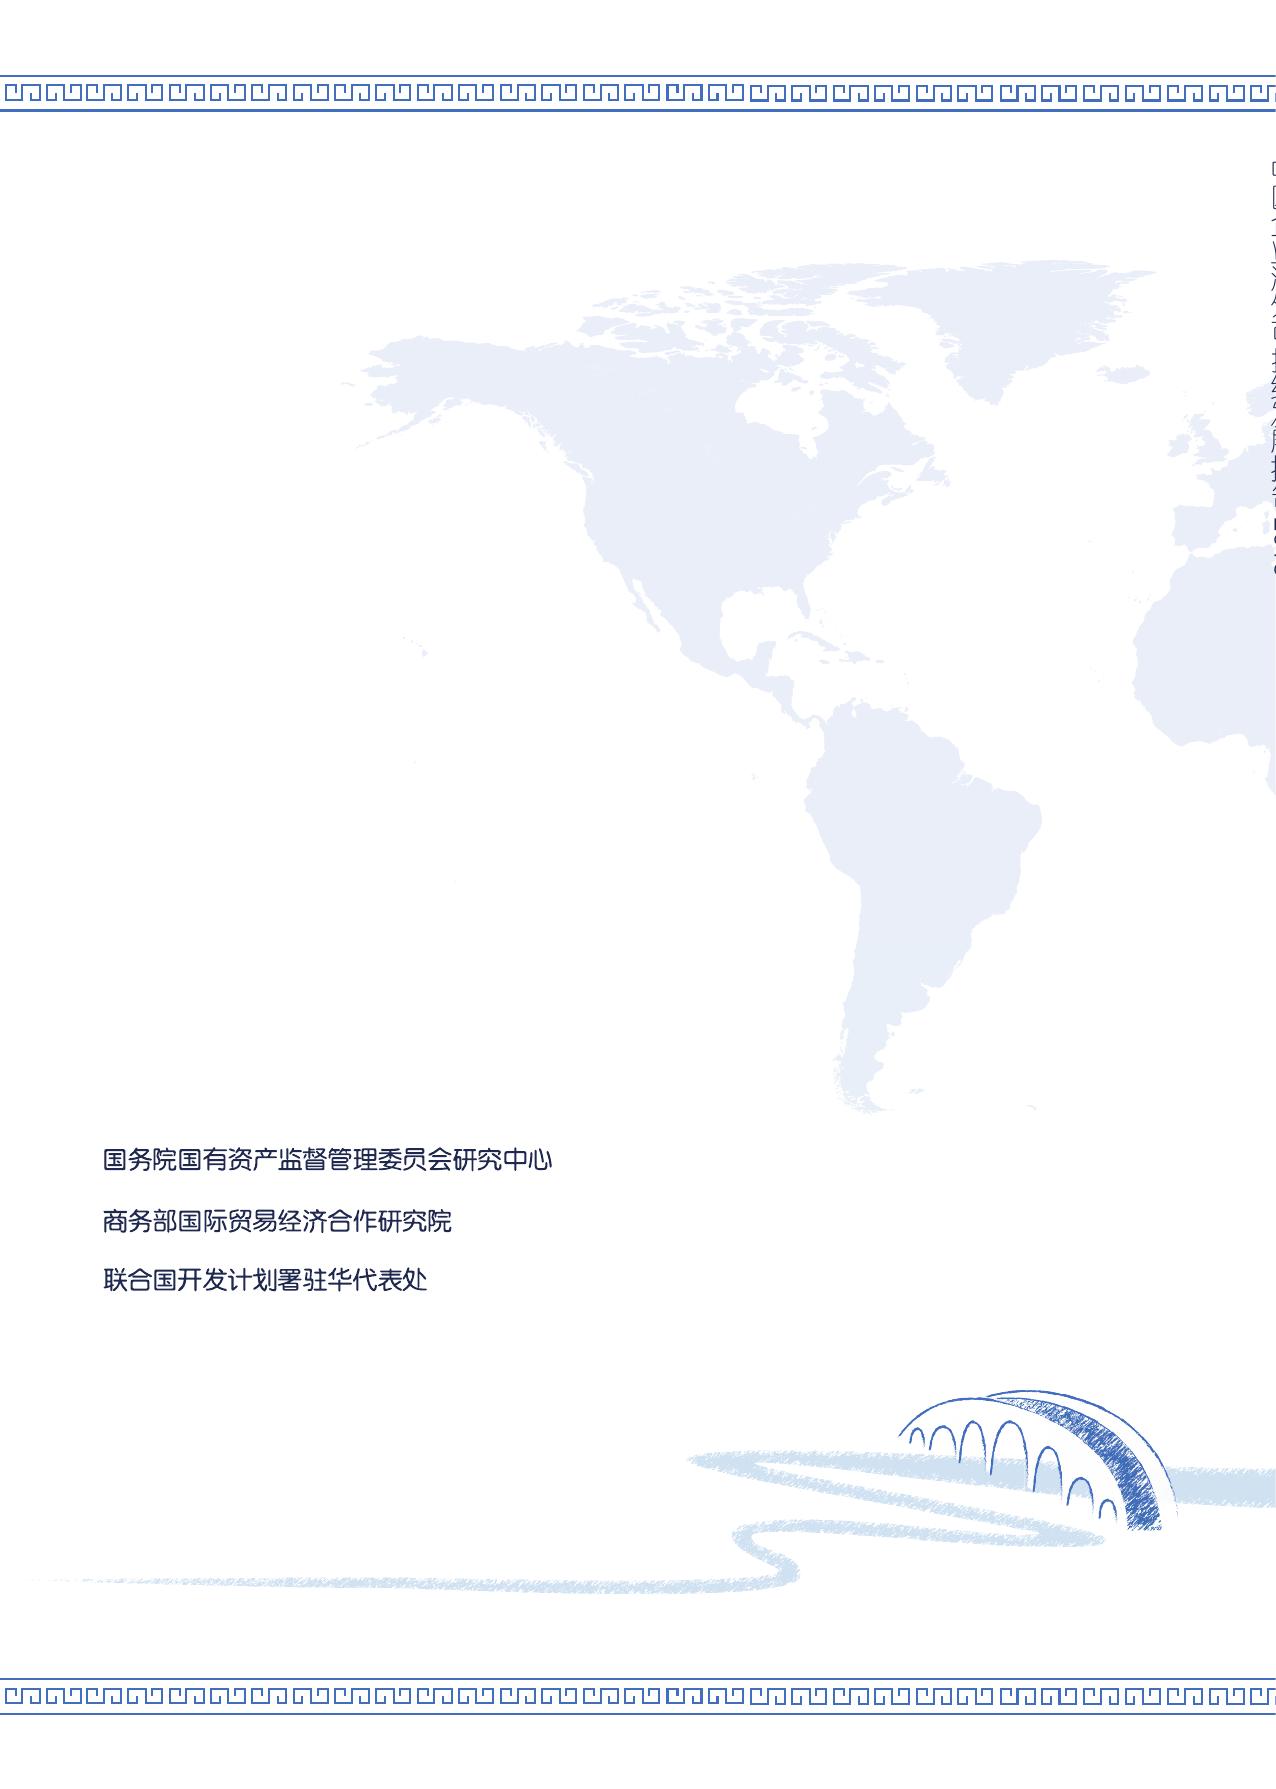 2015中国企业海外可持续发展报告_000125